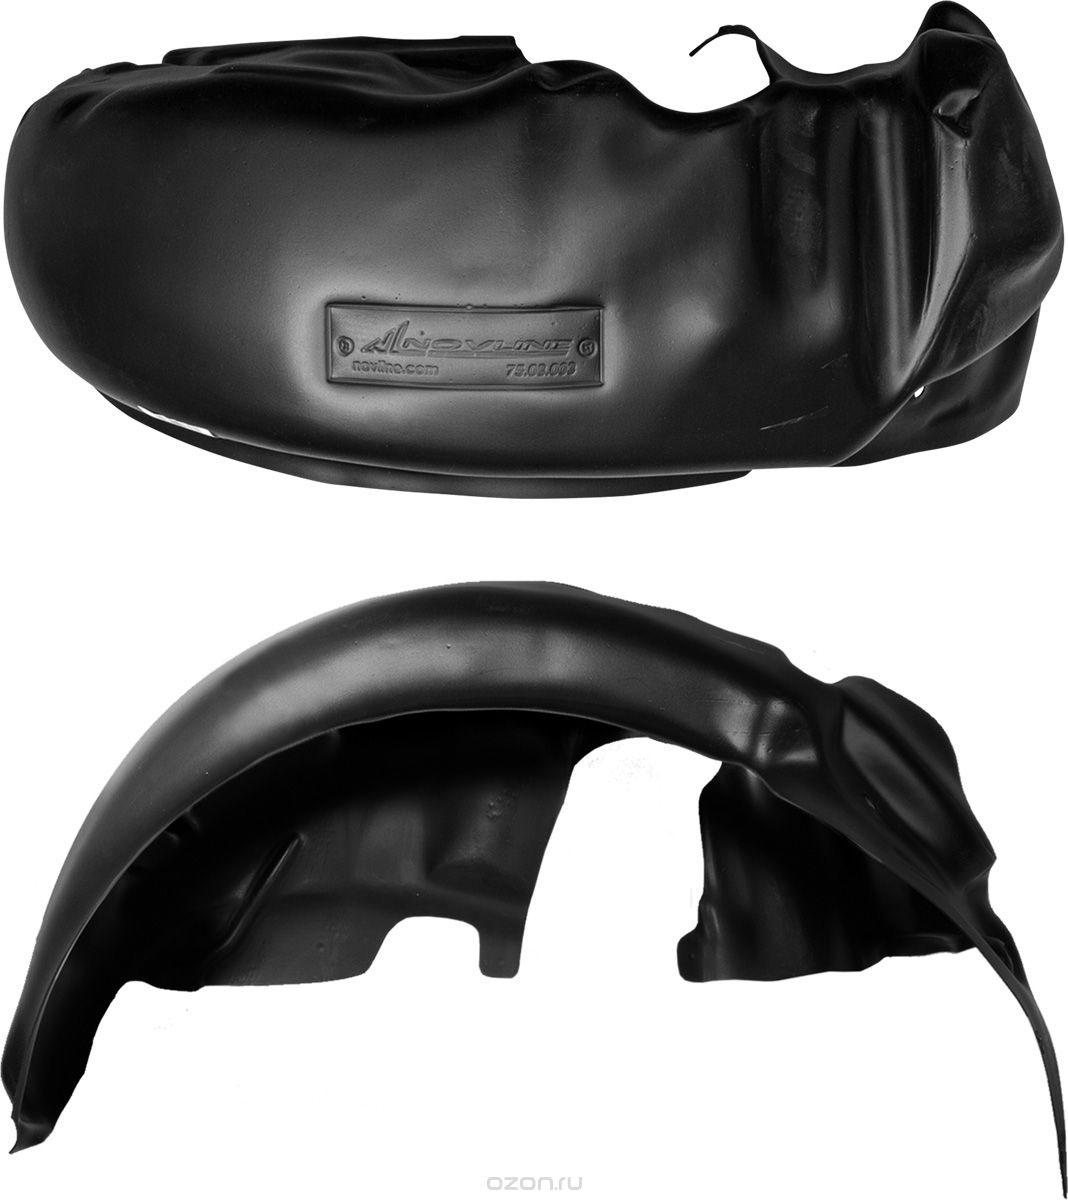 Подкрылок Novline-Autofamily, для Faw Besturn B50, 2012->, задний левыйNLL.62.12.003Идеальная защита колесной ниши. Локеры разработаны с применением цифровых технологий, гарантируют максимальную повторяемость поверхности арки. Изделия устанавливаются без нарушения лакокрасочного покрытия автомобиля, каждый подкрылок комплектуется крепежом. Уважаемые клиенты, обращаем ваше внимание, что фотографии на подкрылки универсальные и не отражают реальную форму изделия. При этом само изделие идет точно под размер указанного автомобиля.